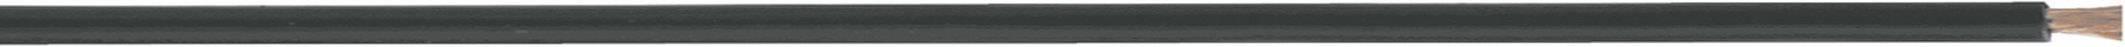 Merací vodič LappKabel 4560057S LiFY, 1 x 2.50 mm², vonkajší Ø 4.20 mm, metrový tovar, zelenožltá